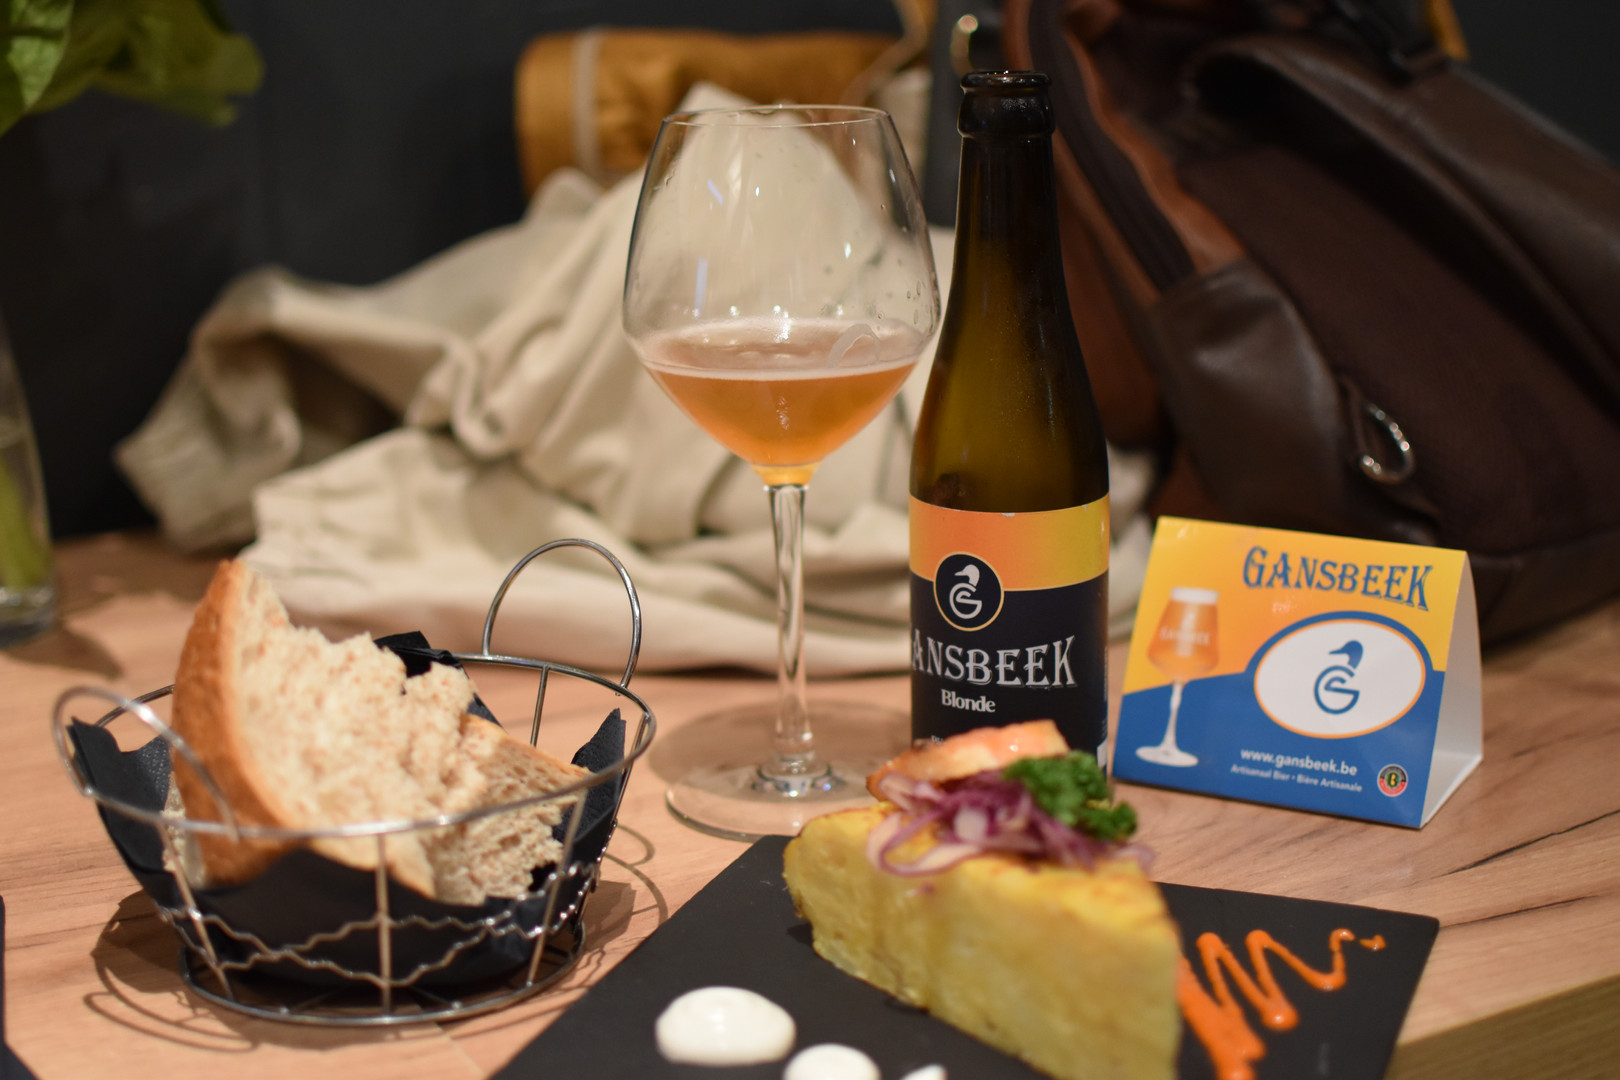 tortilla and gansbeek blonde